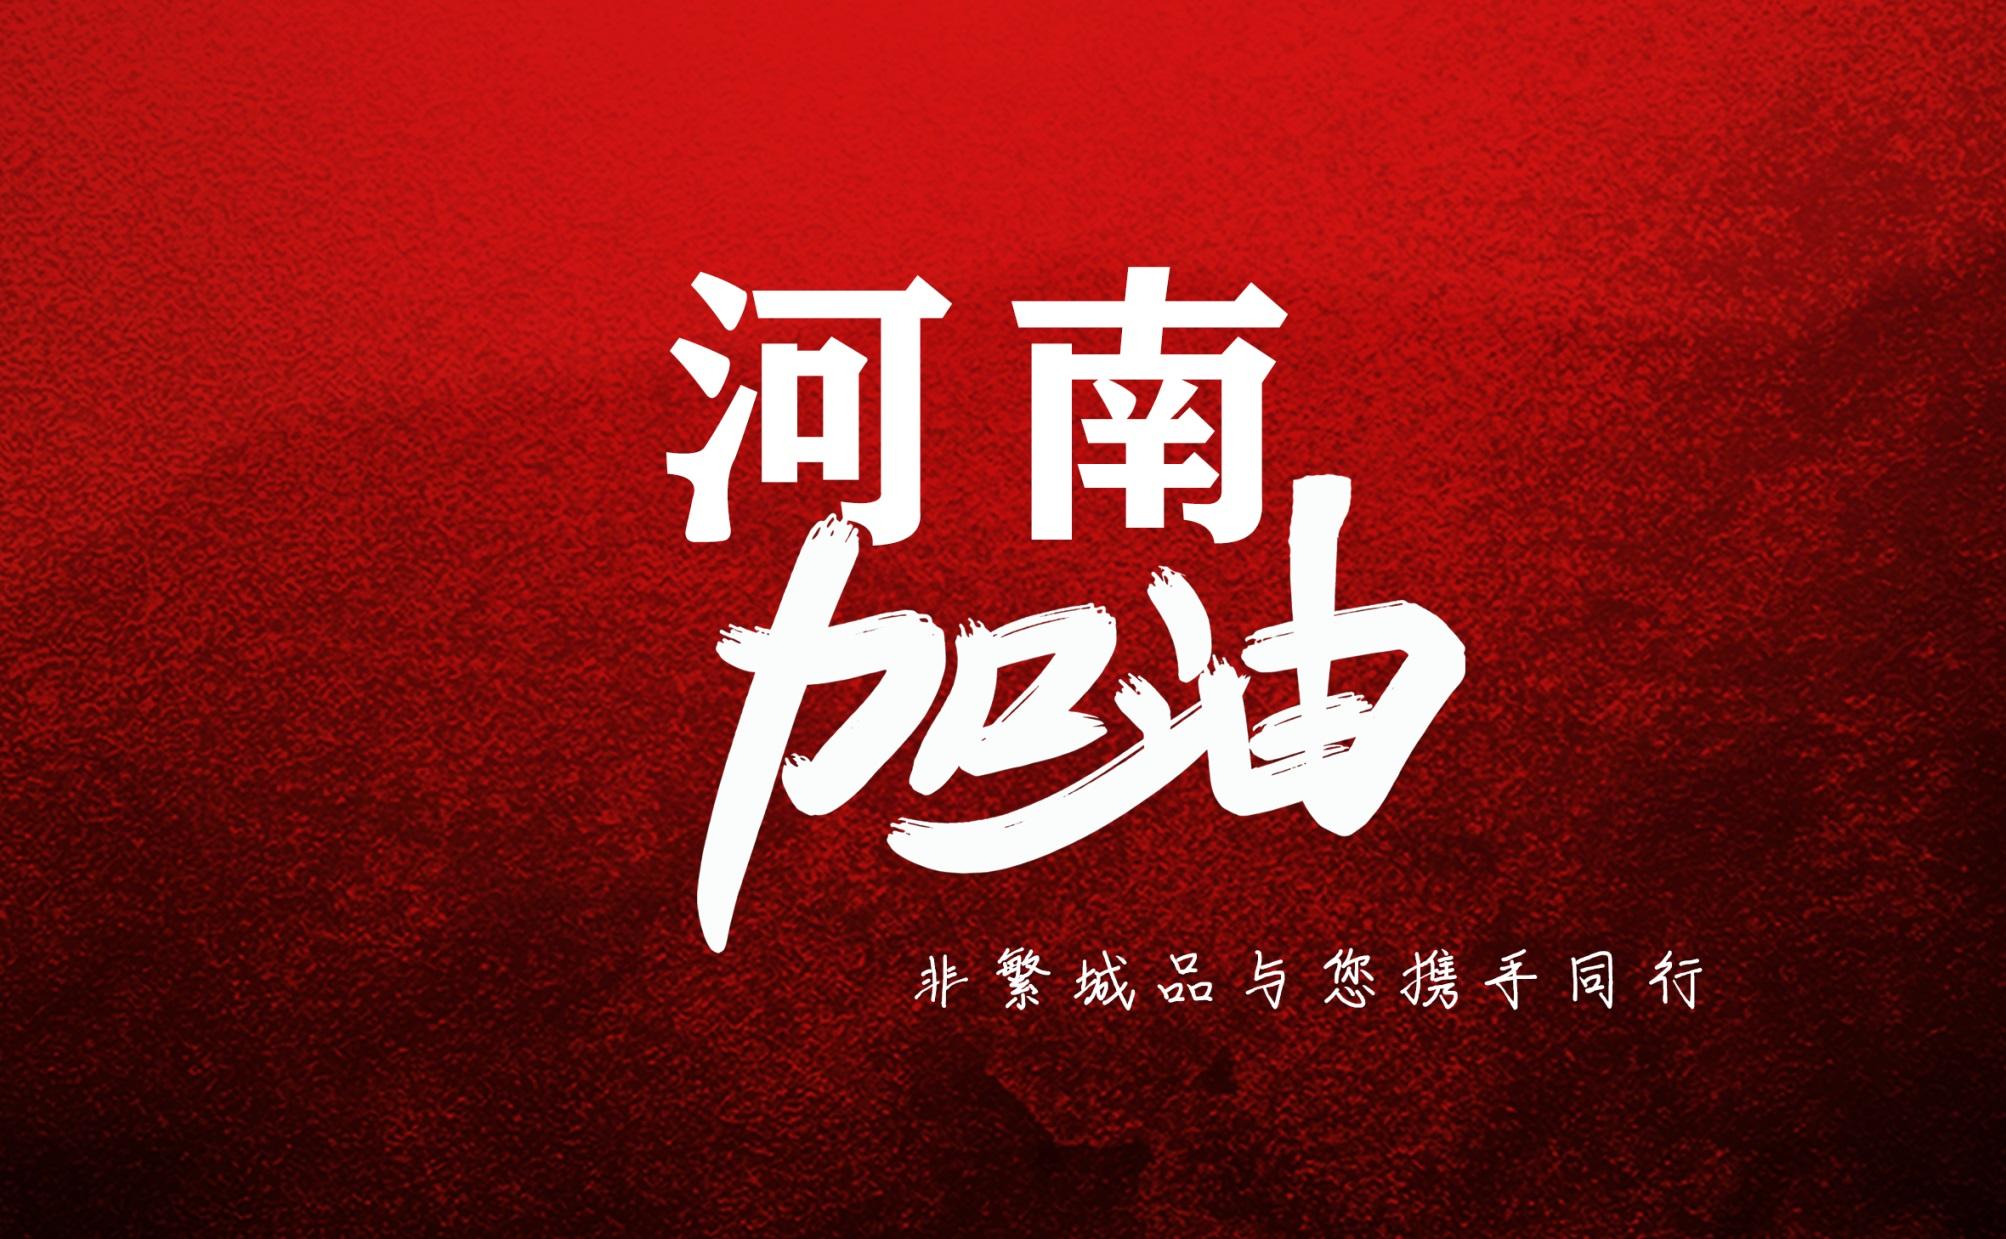 助力河南,非繁城品酒店在行动 | 锦江酒店(中国区)启动紧急驰援